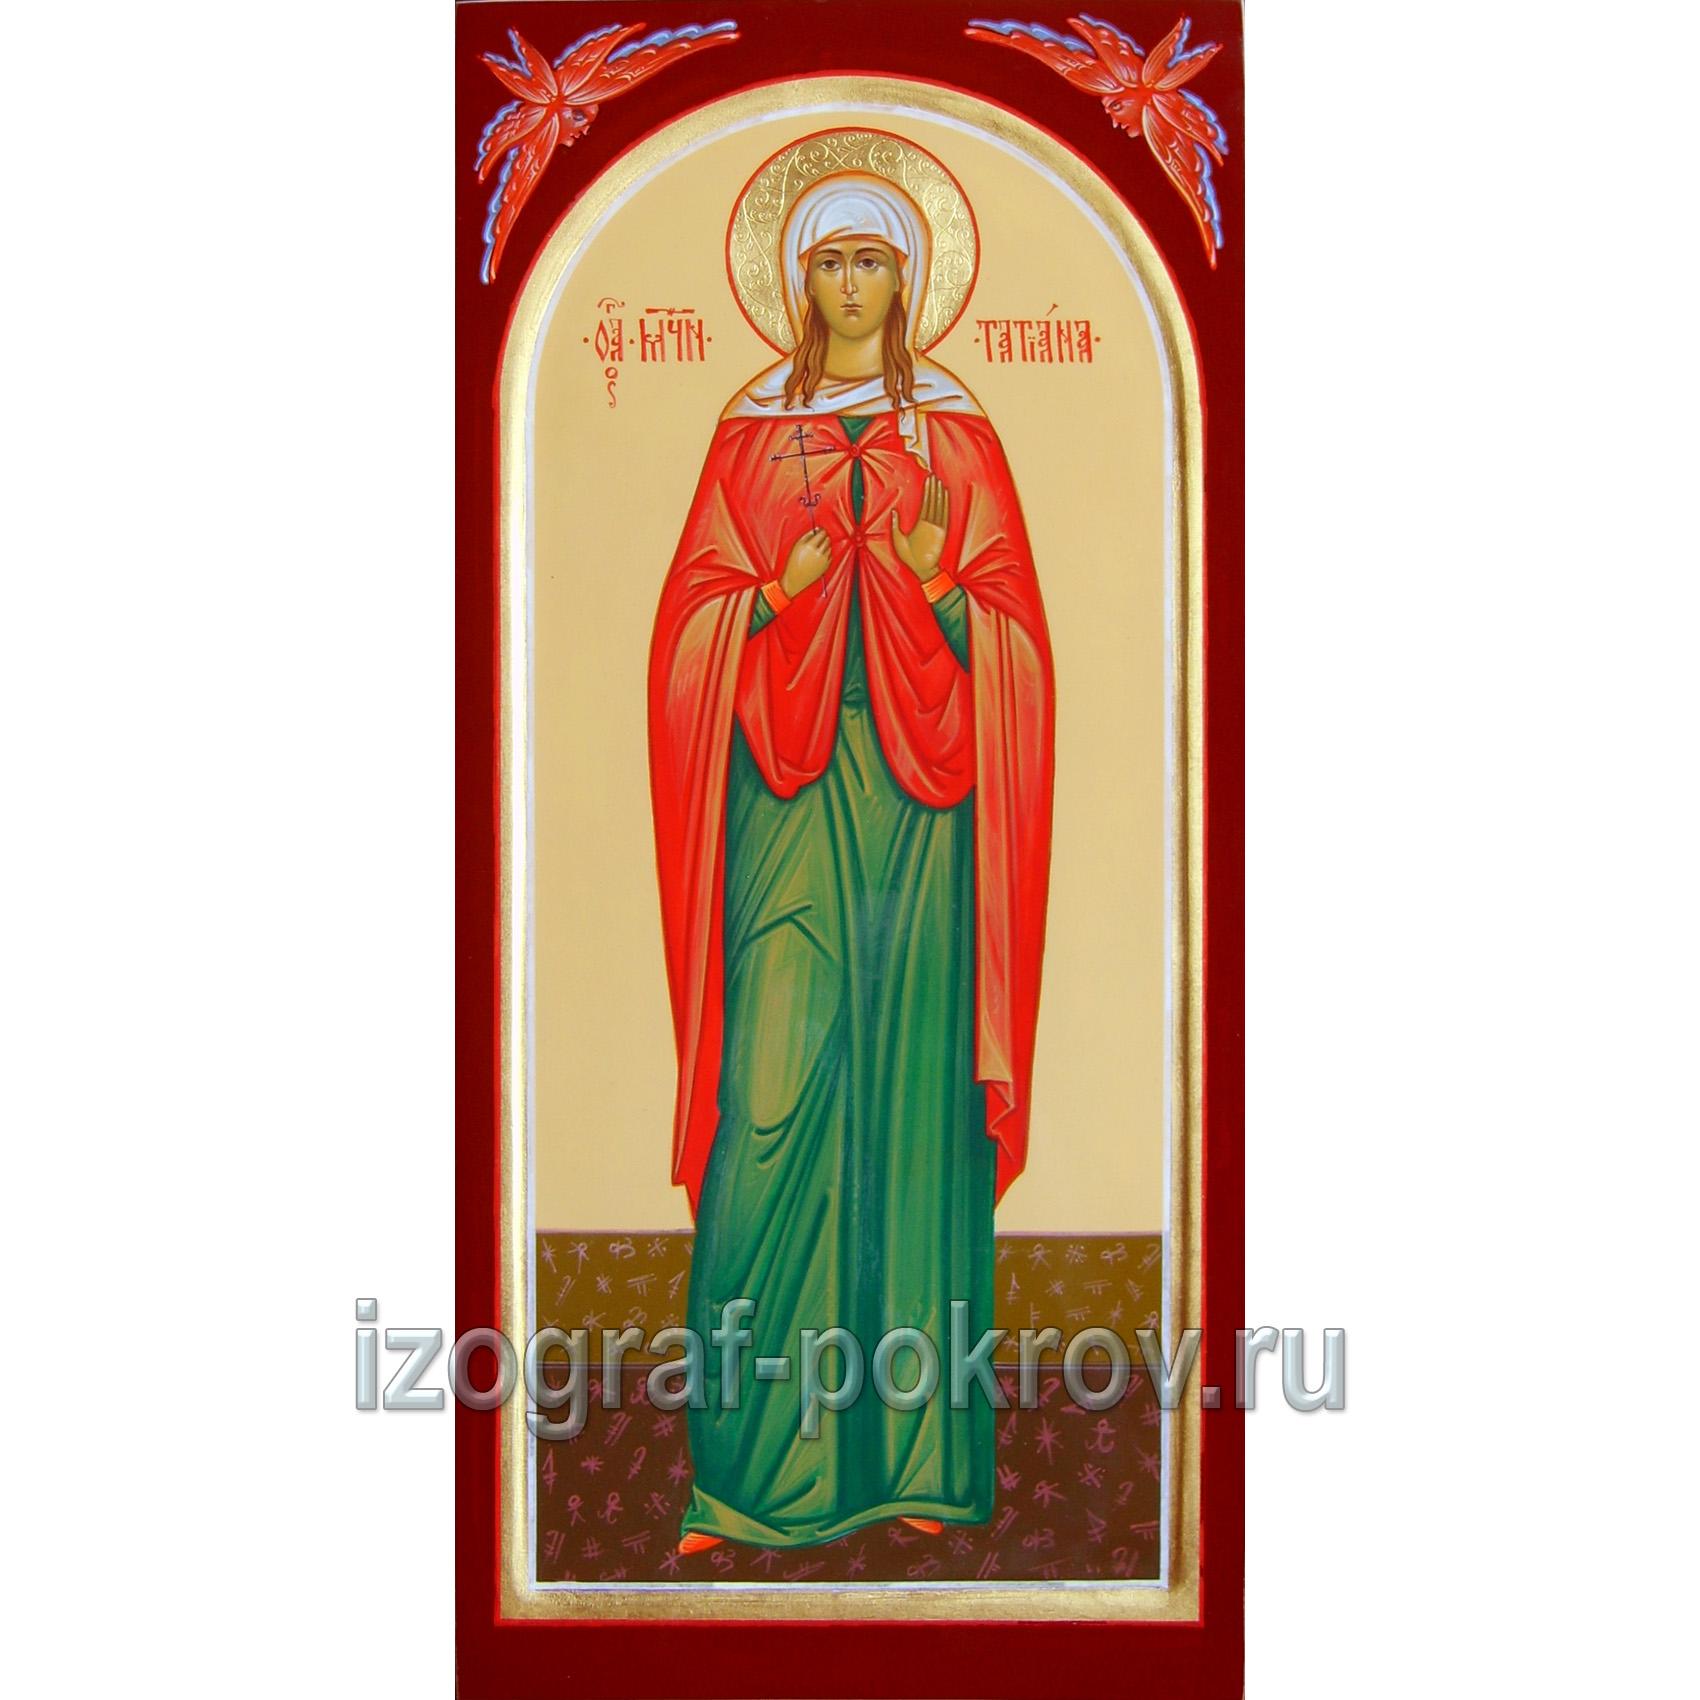 Мерная икона мученица Татиана (Татьяна) Римская